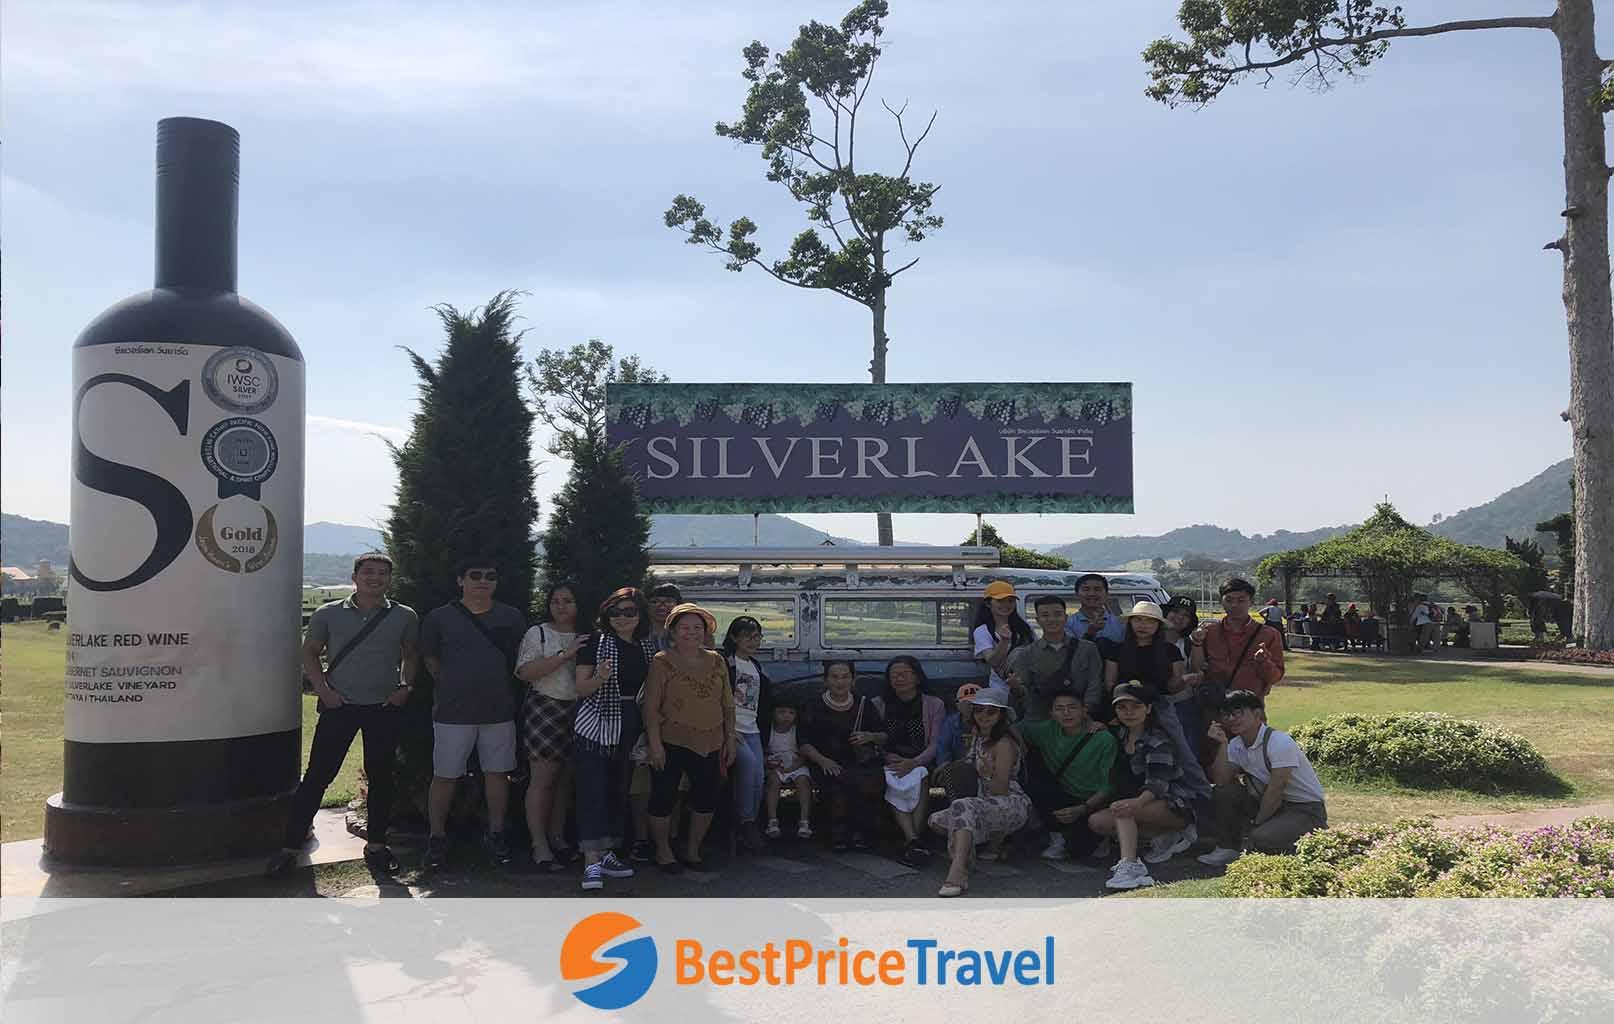 Hình ảnh khách hàng BestPrice tại vườn nho Silver Lake